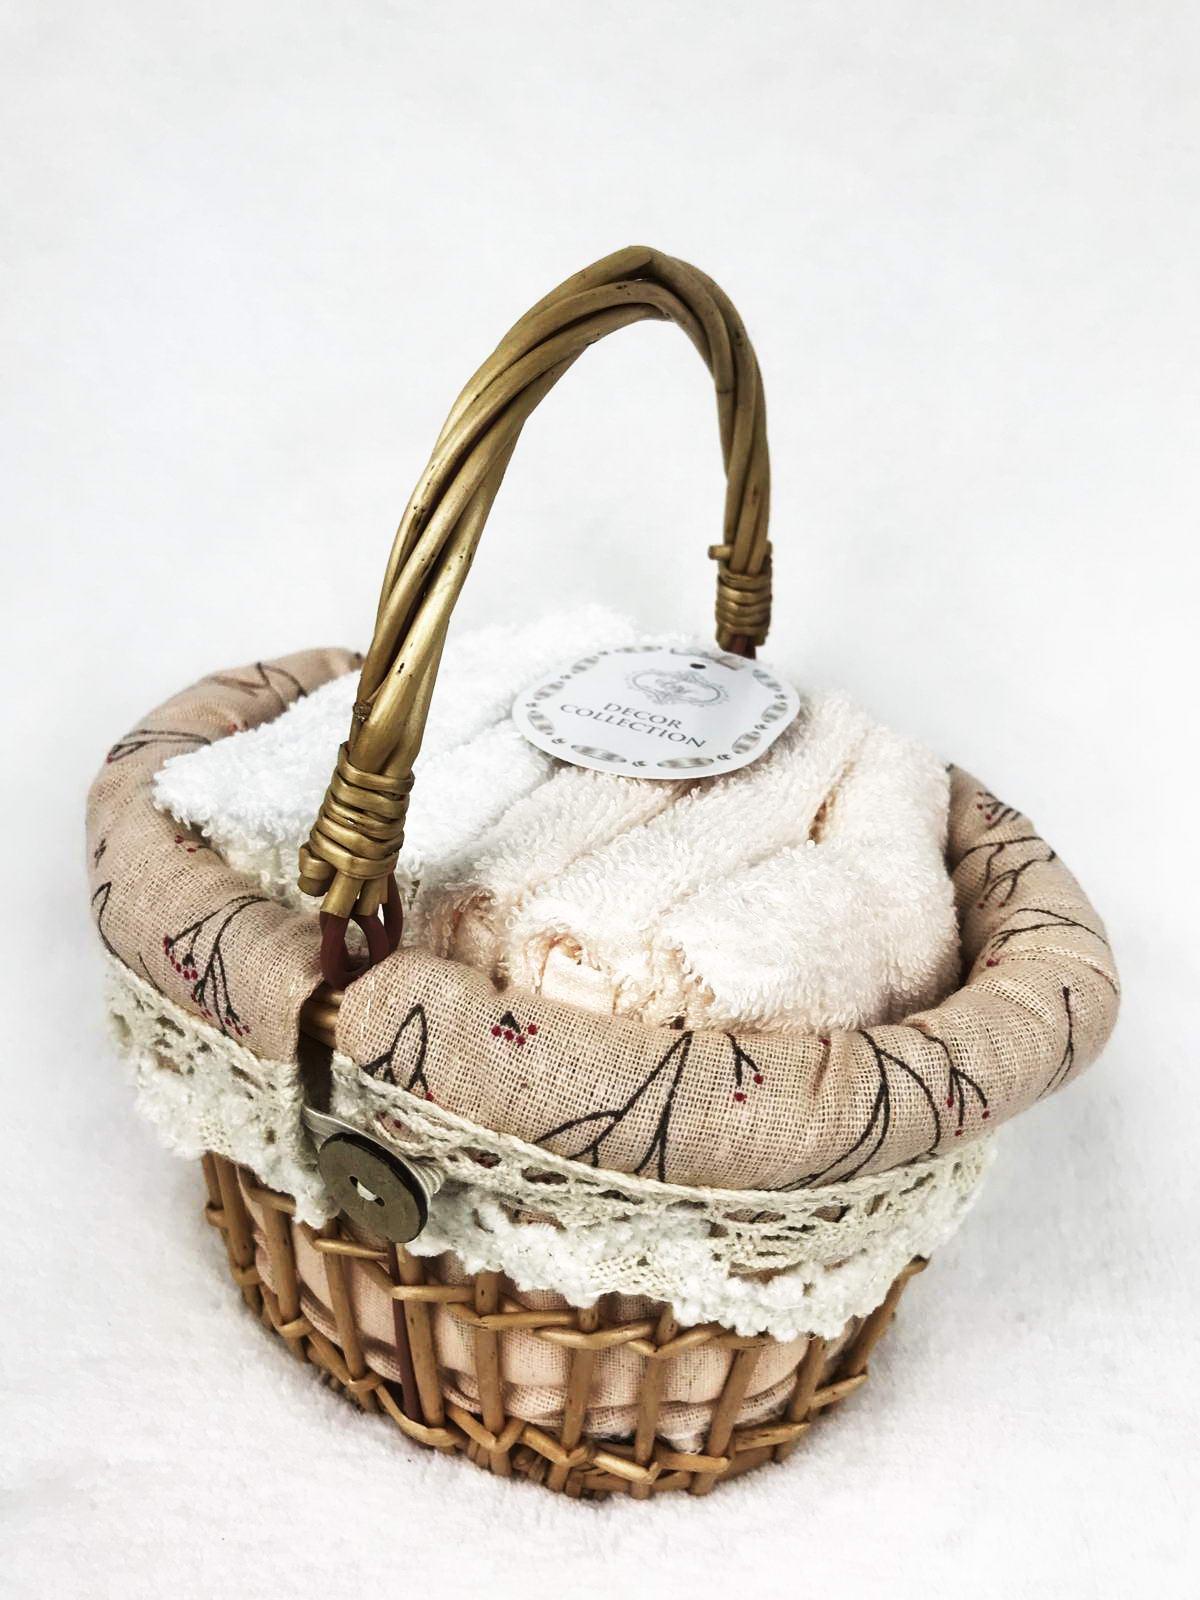 """Набор салфеток Sofi de Marko Виола, Наб-В5, персик, 6штНаб-В5-пДекоративные салфетки из 100% хлопка представлены в нежных """"пудренных"""" цветовых решениях, прекрасно впитывают влагу и придают ощущение нежности. Салфетки упакованы в декоративную коробку из натурального дерева, которая будет одинаково хорошо смотреться как на кухне, так и в ванной комнате. Размер салфетки: 30х30 (6шт);"""